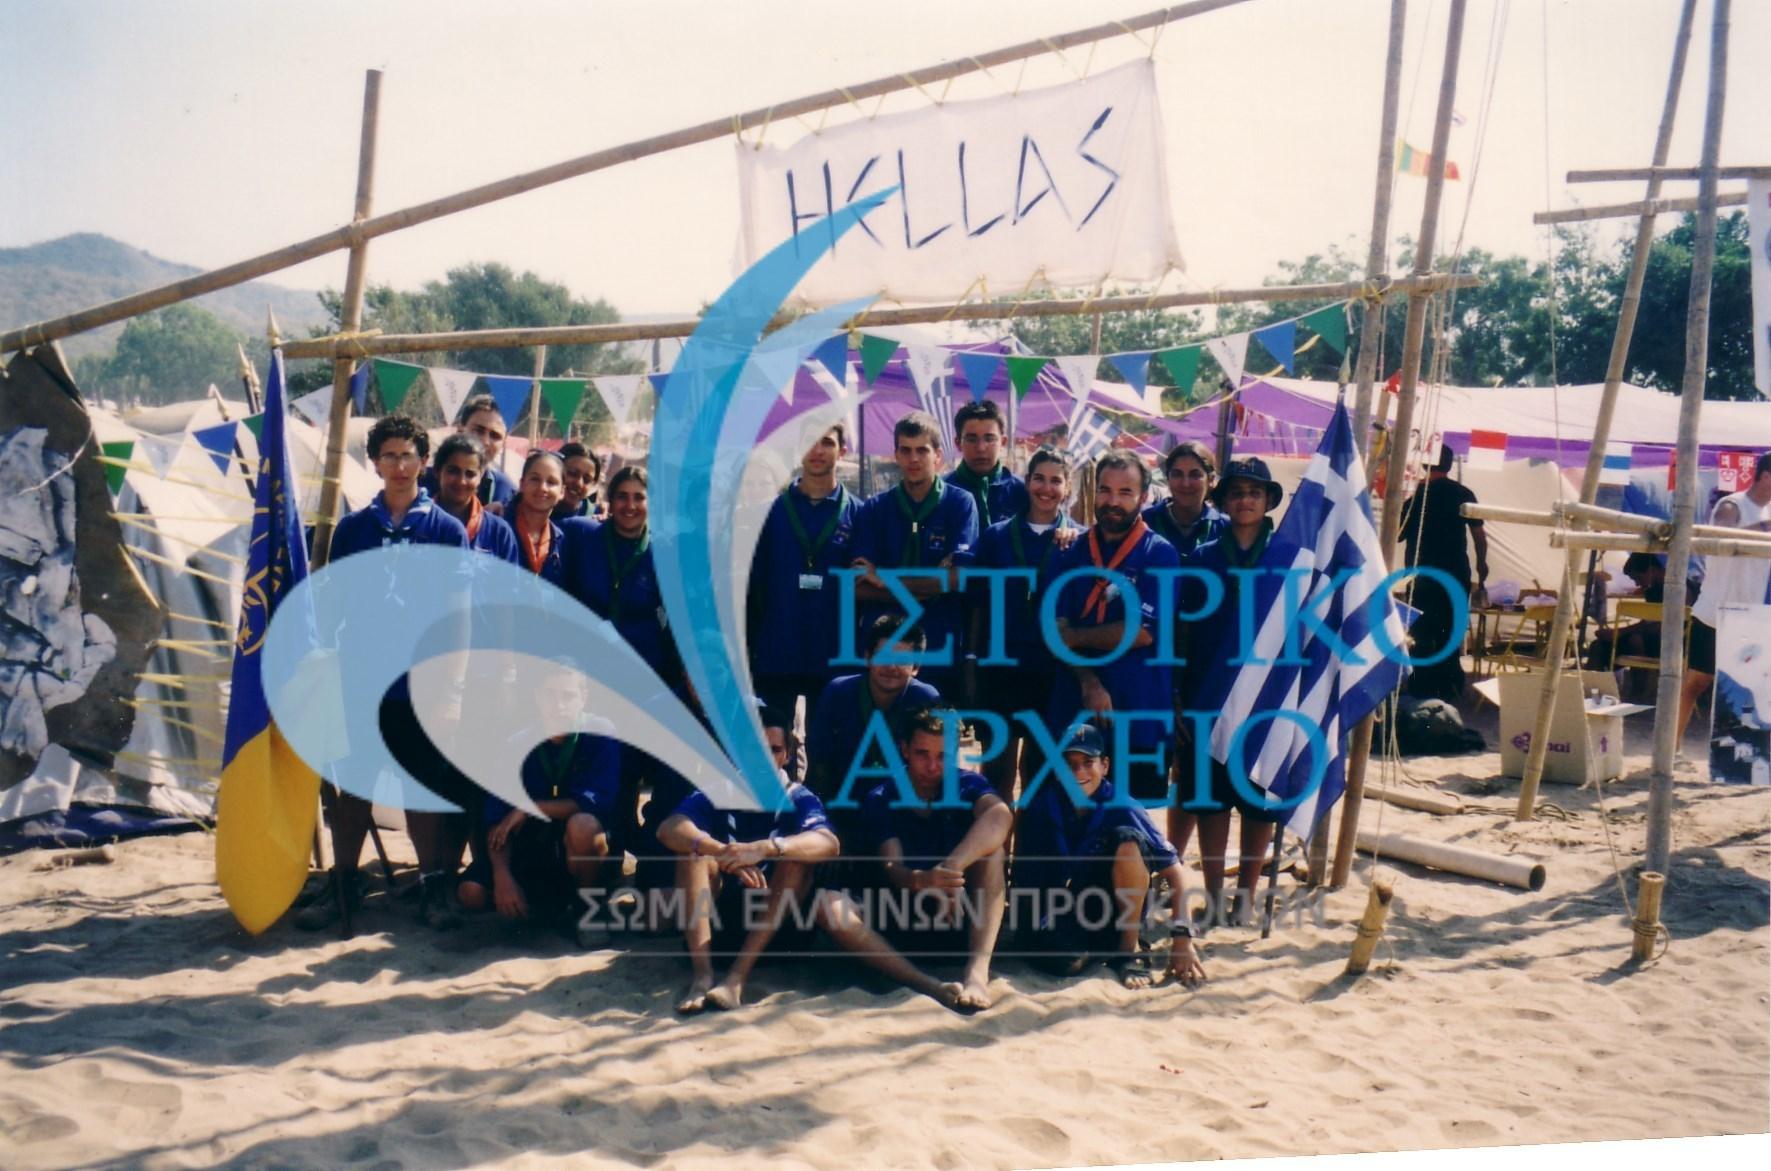 Φωτογραφίες από την ελληνική συμμετοχή στο 20ο Παγκόσμιο Τζάμπορη στην Ταϊλάνδη το 2003.